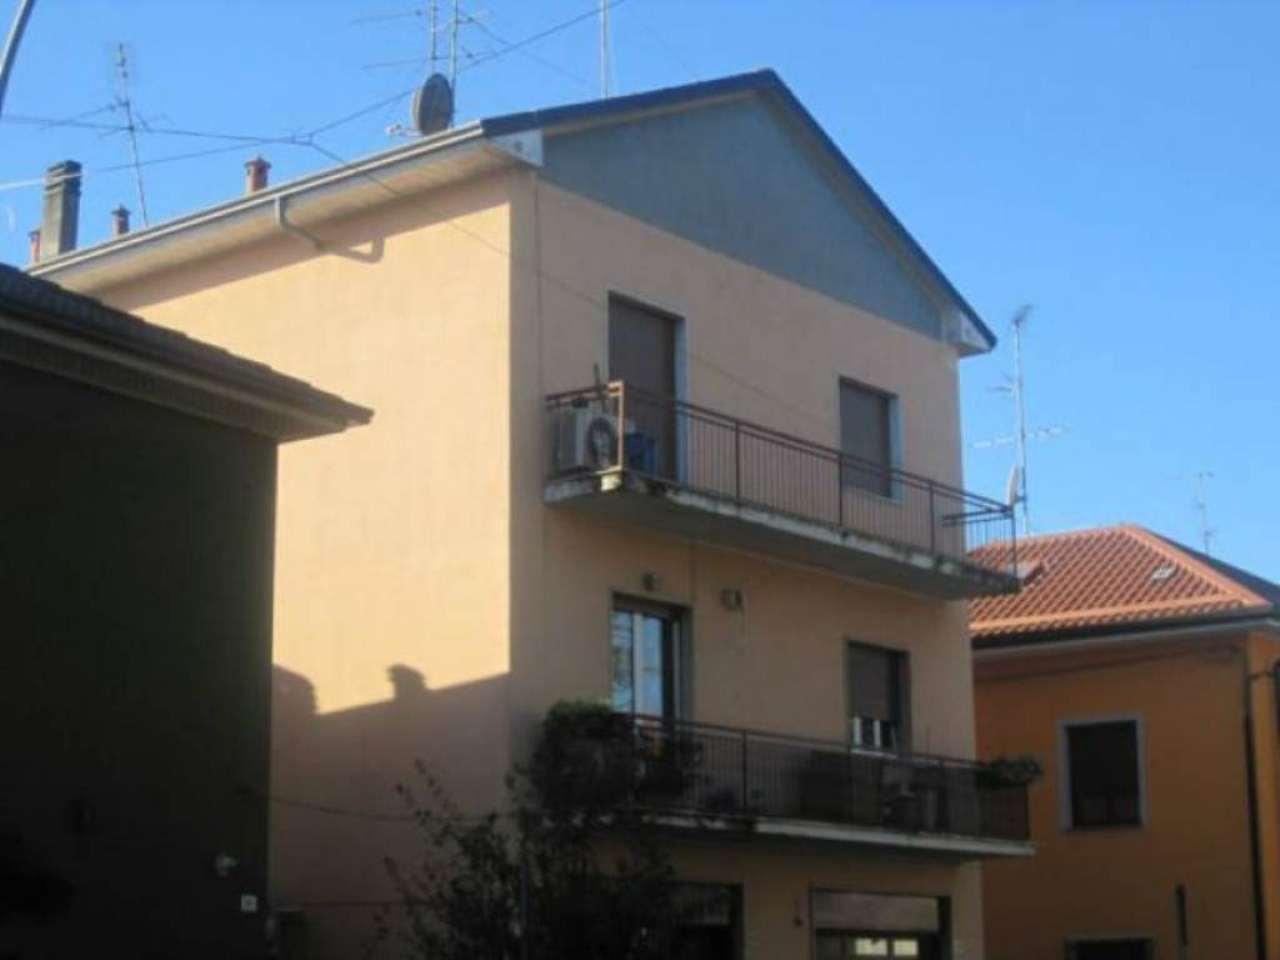 Bilocale Senago Via Cavour 13